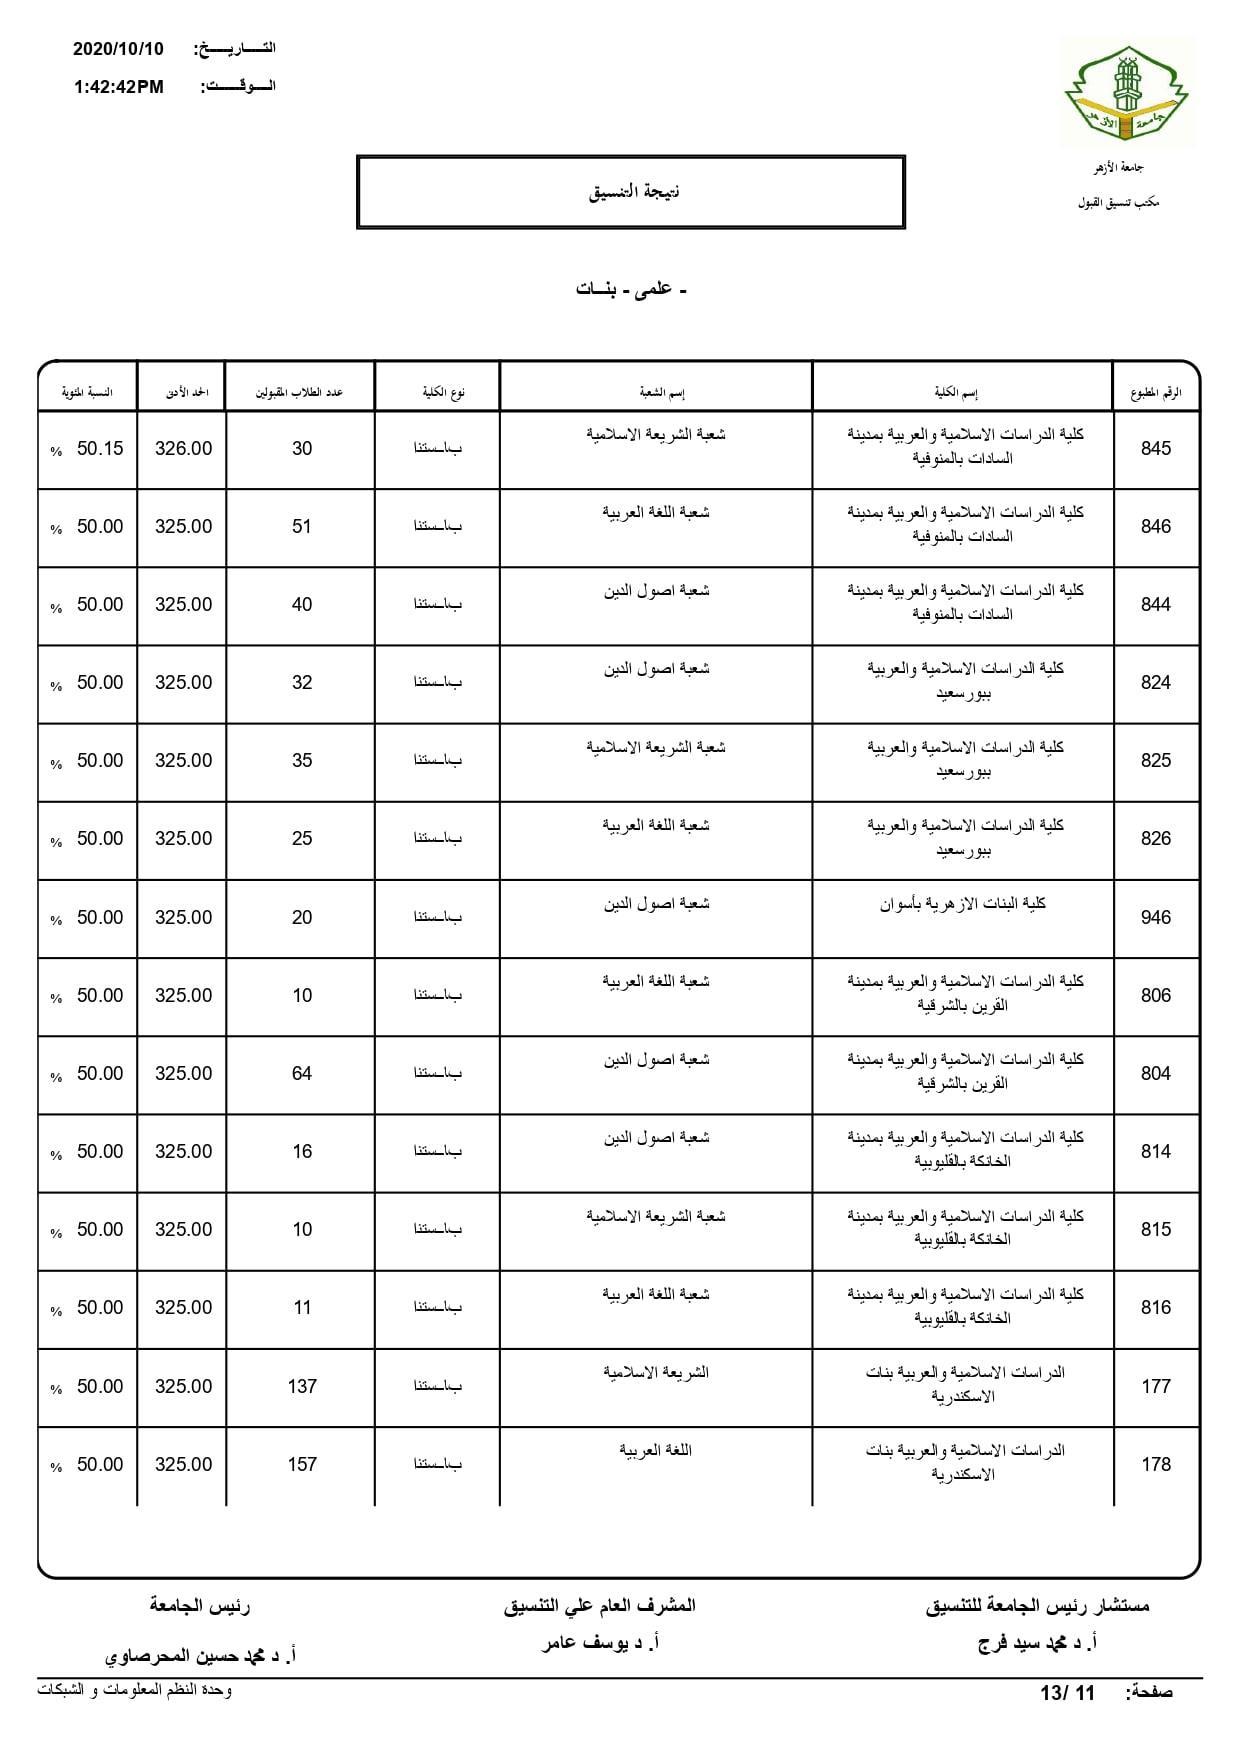 نتيجة تنسيق كليات جامعة الأزهر لعام 2020 بالكامل 20201010203500850